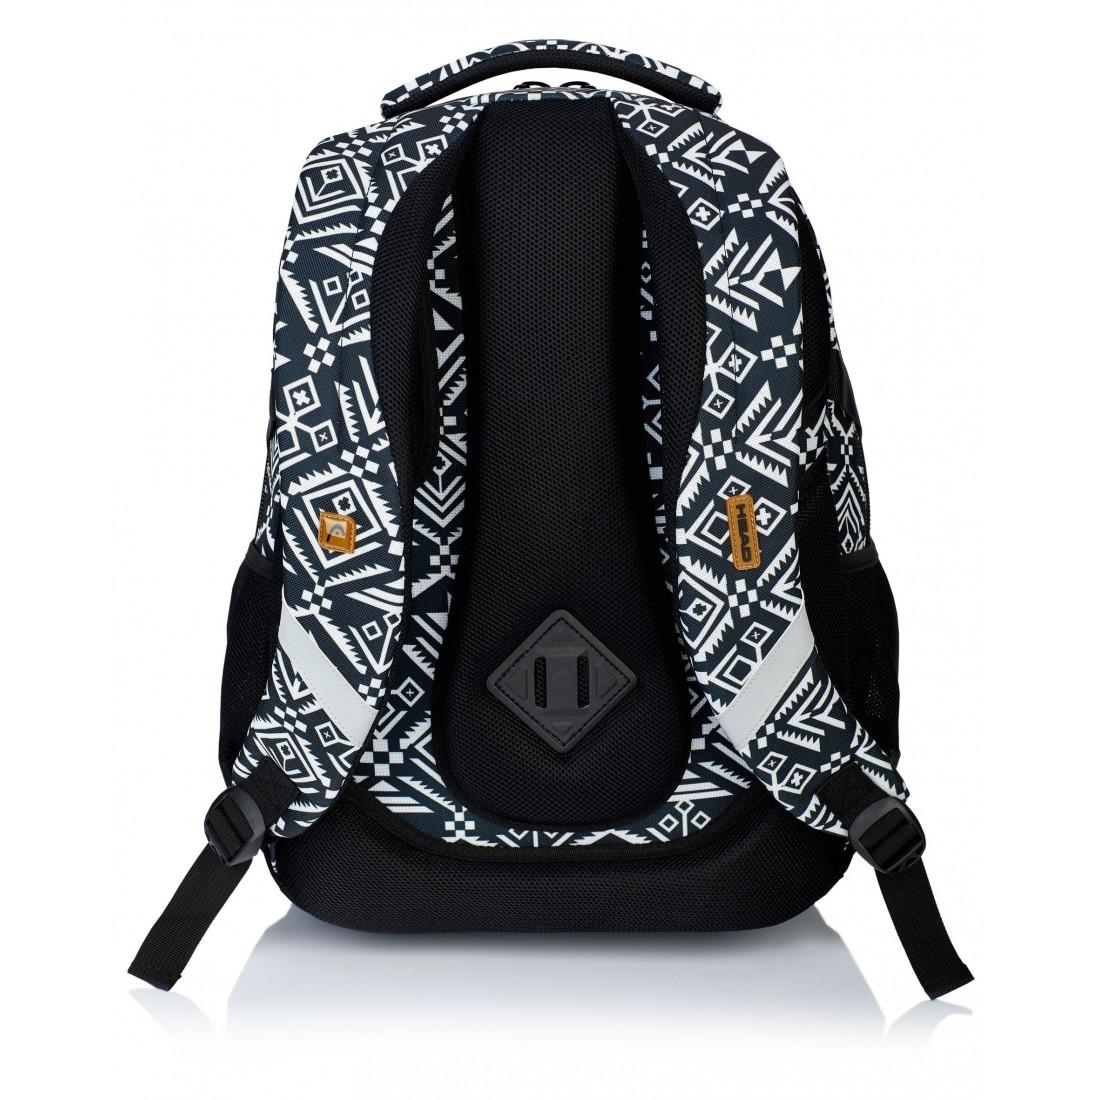 b17af8967986e Plecak szkolny aztecki, czarno-biały HD-74 D HEAD - plecak-tornister.pl